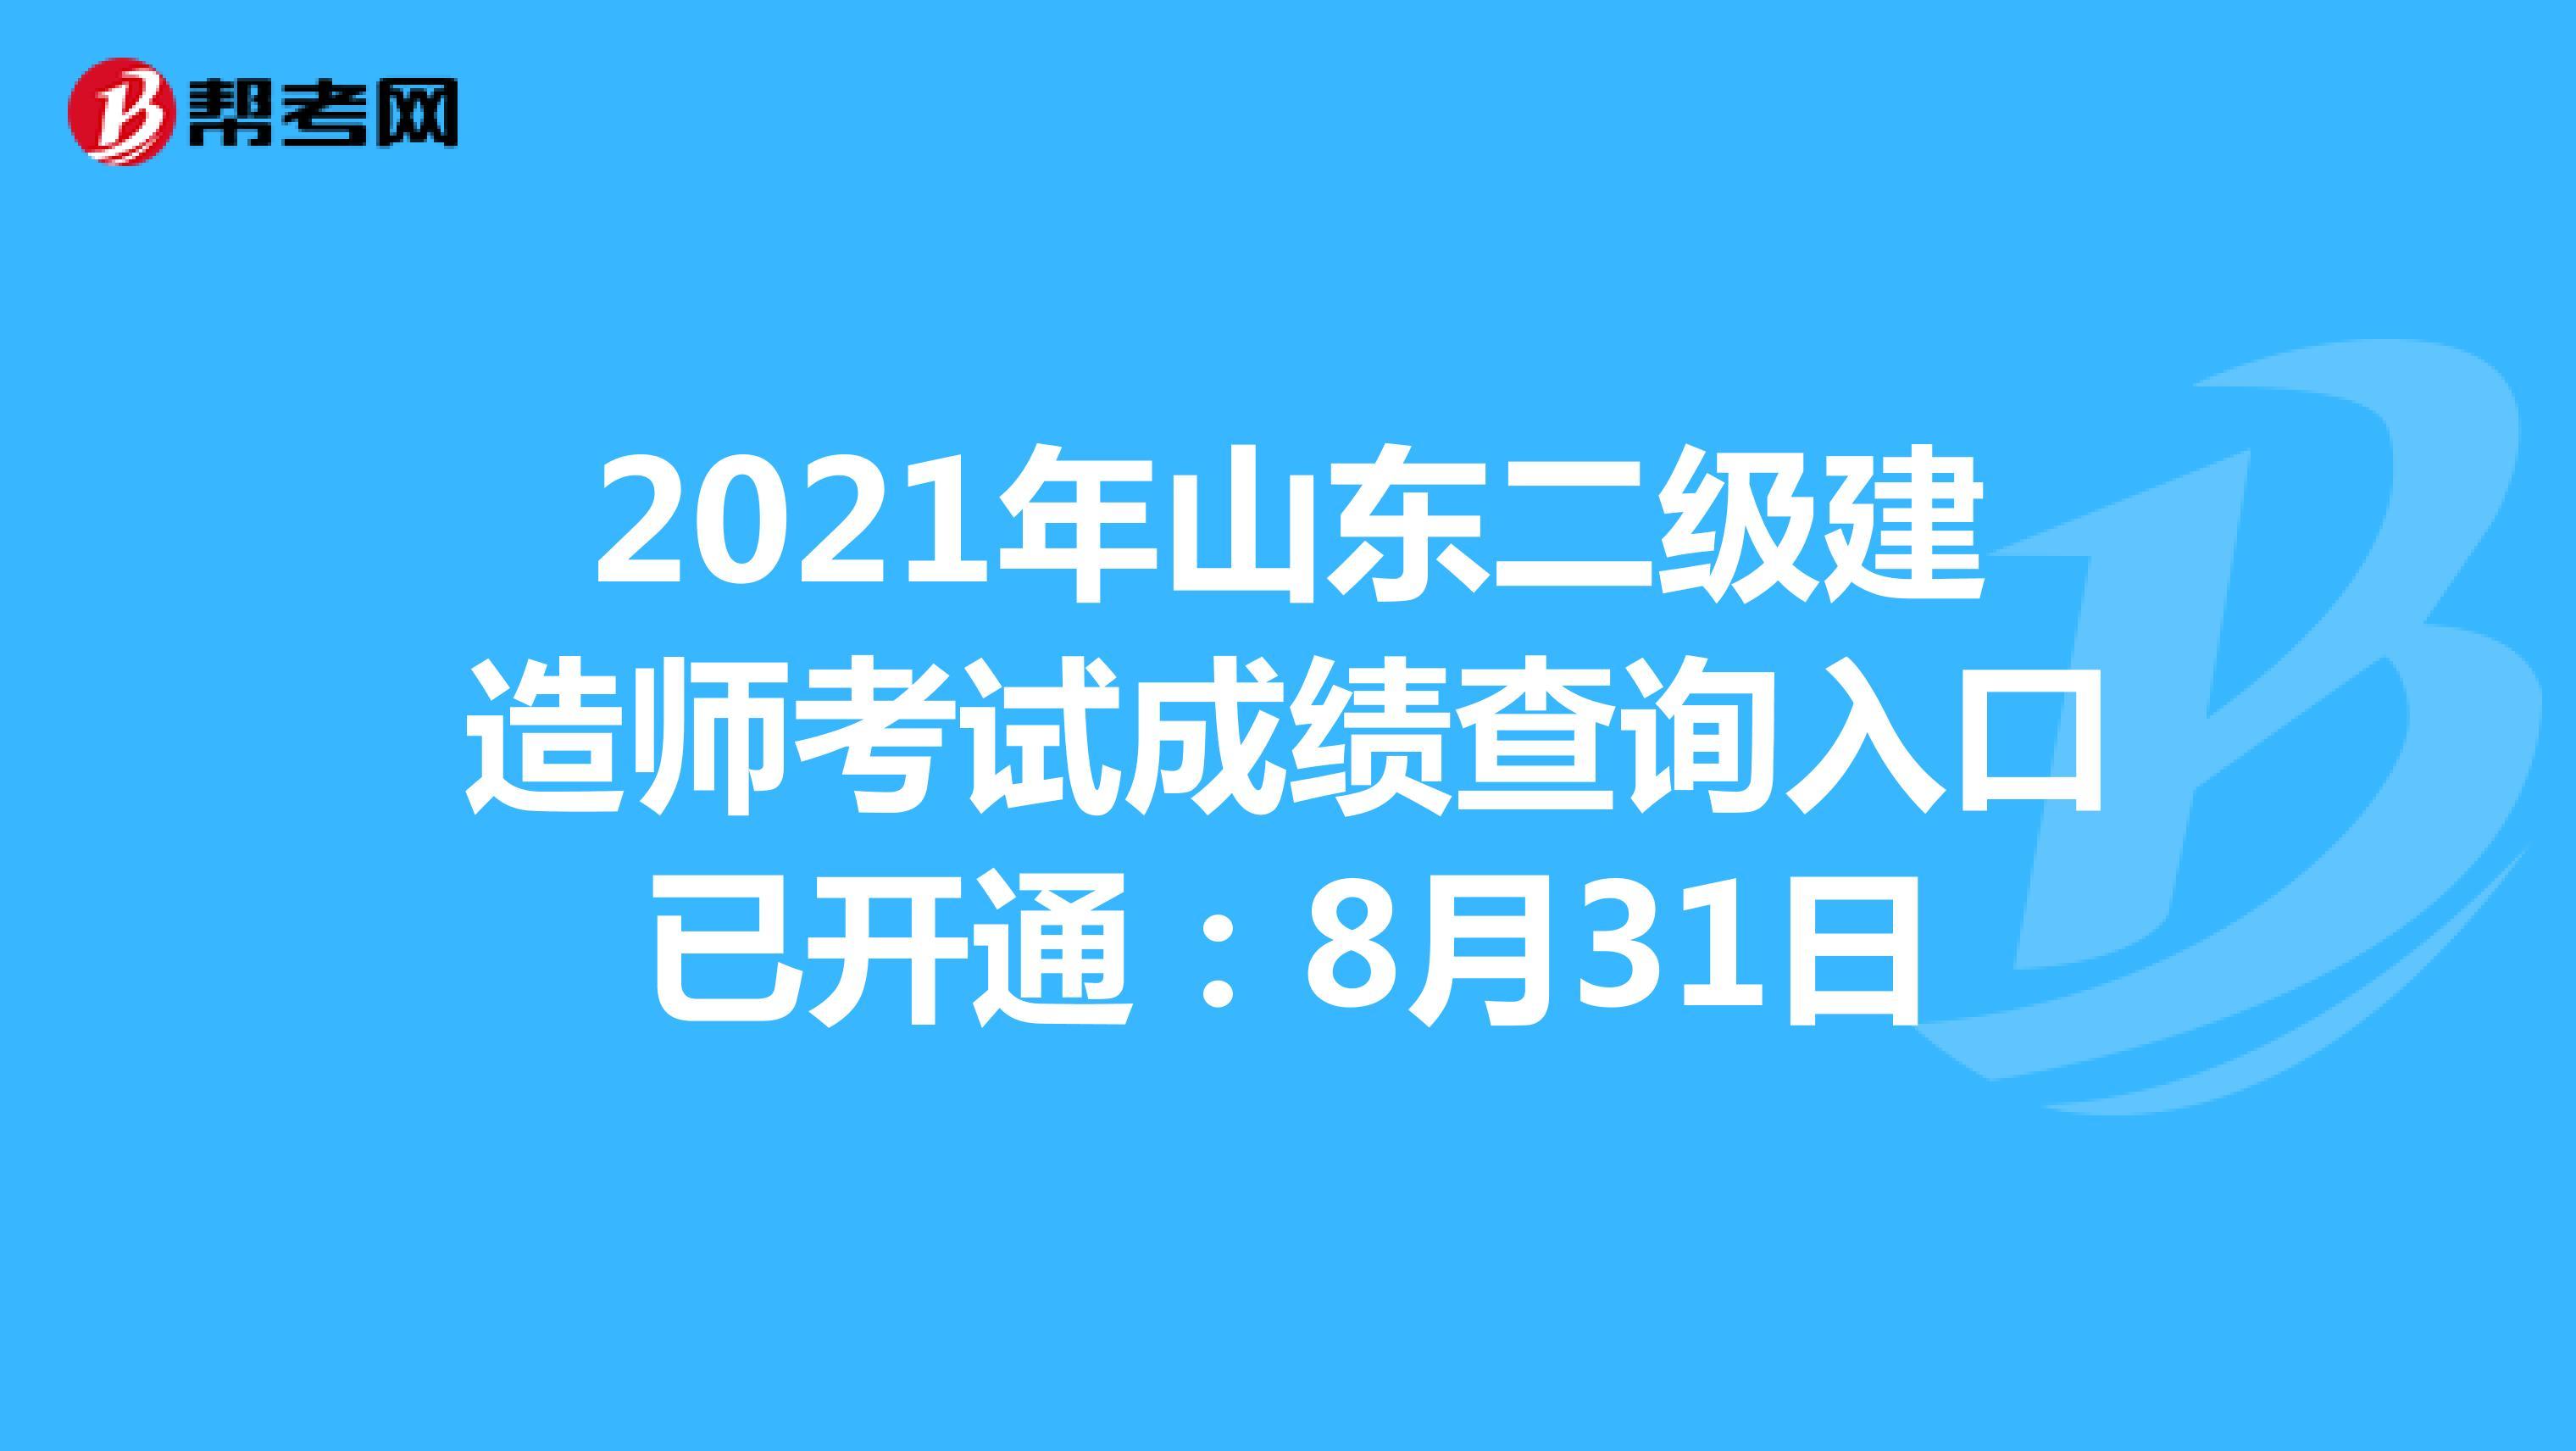 2021年山东二级建造师考试成绩查询入口已开通:8月31日